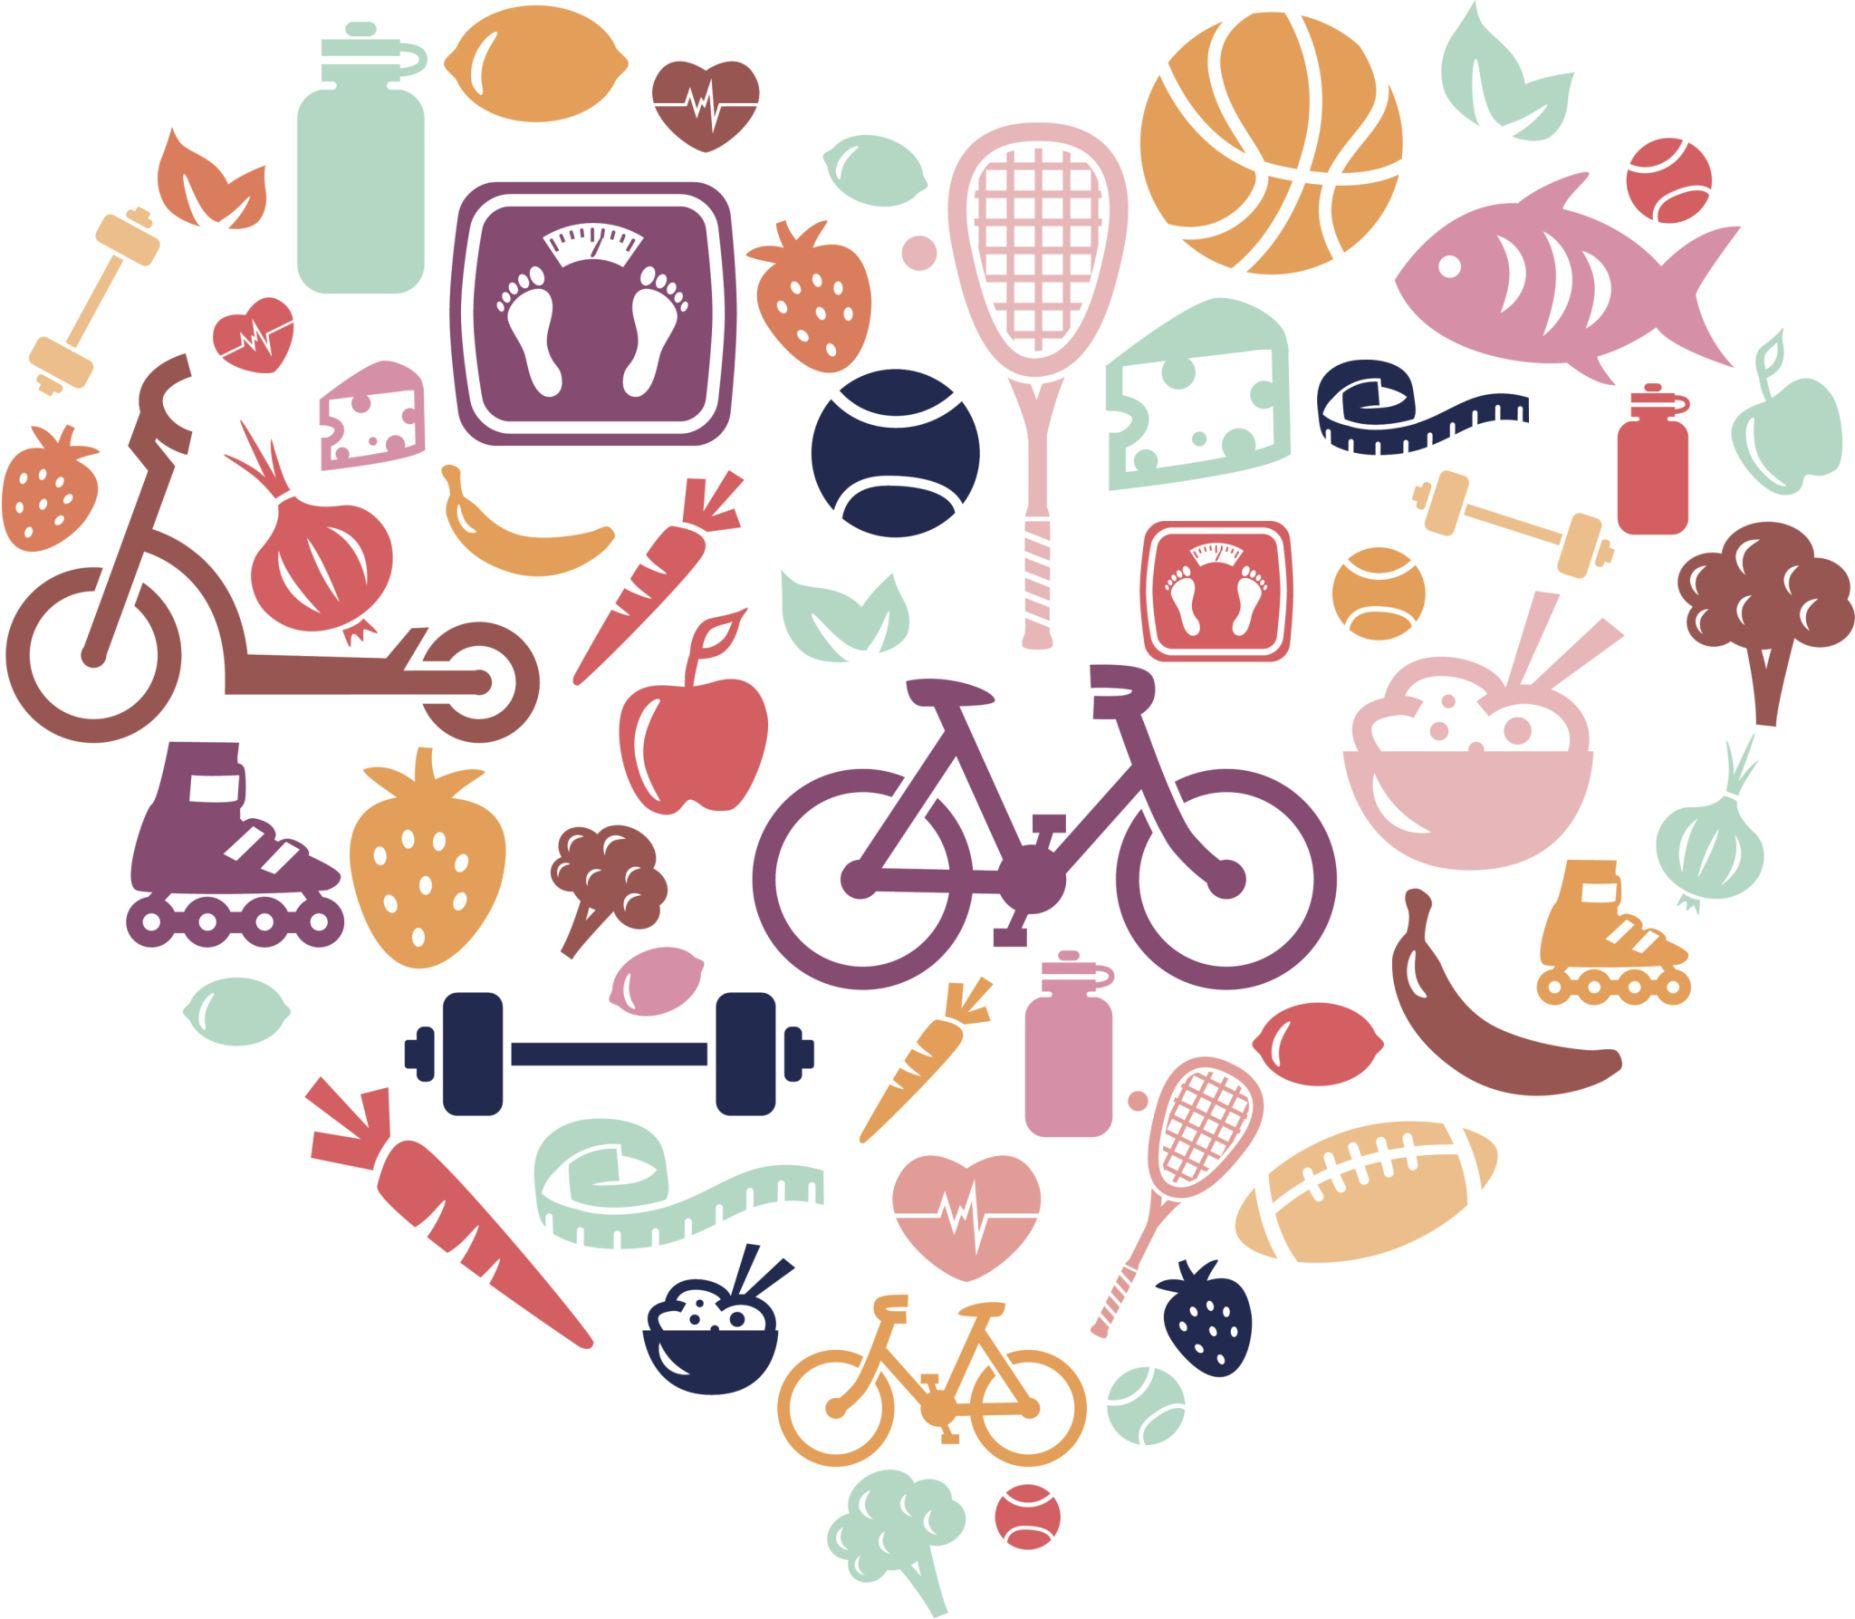 hábitos de vida saludable, dietista nutricionista jerez de la frontera cadiz perder peso ganar salud